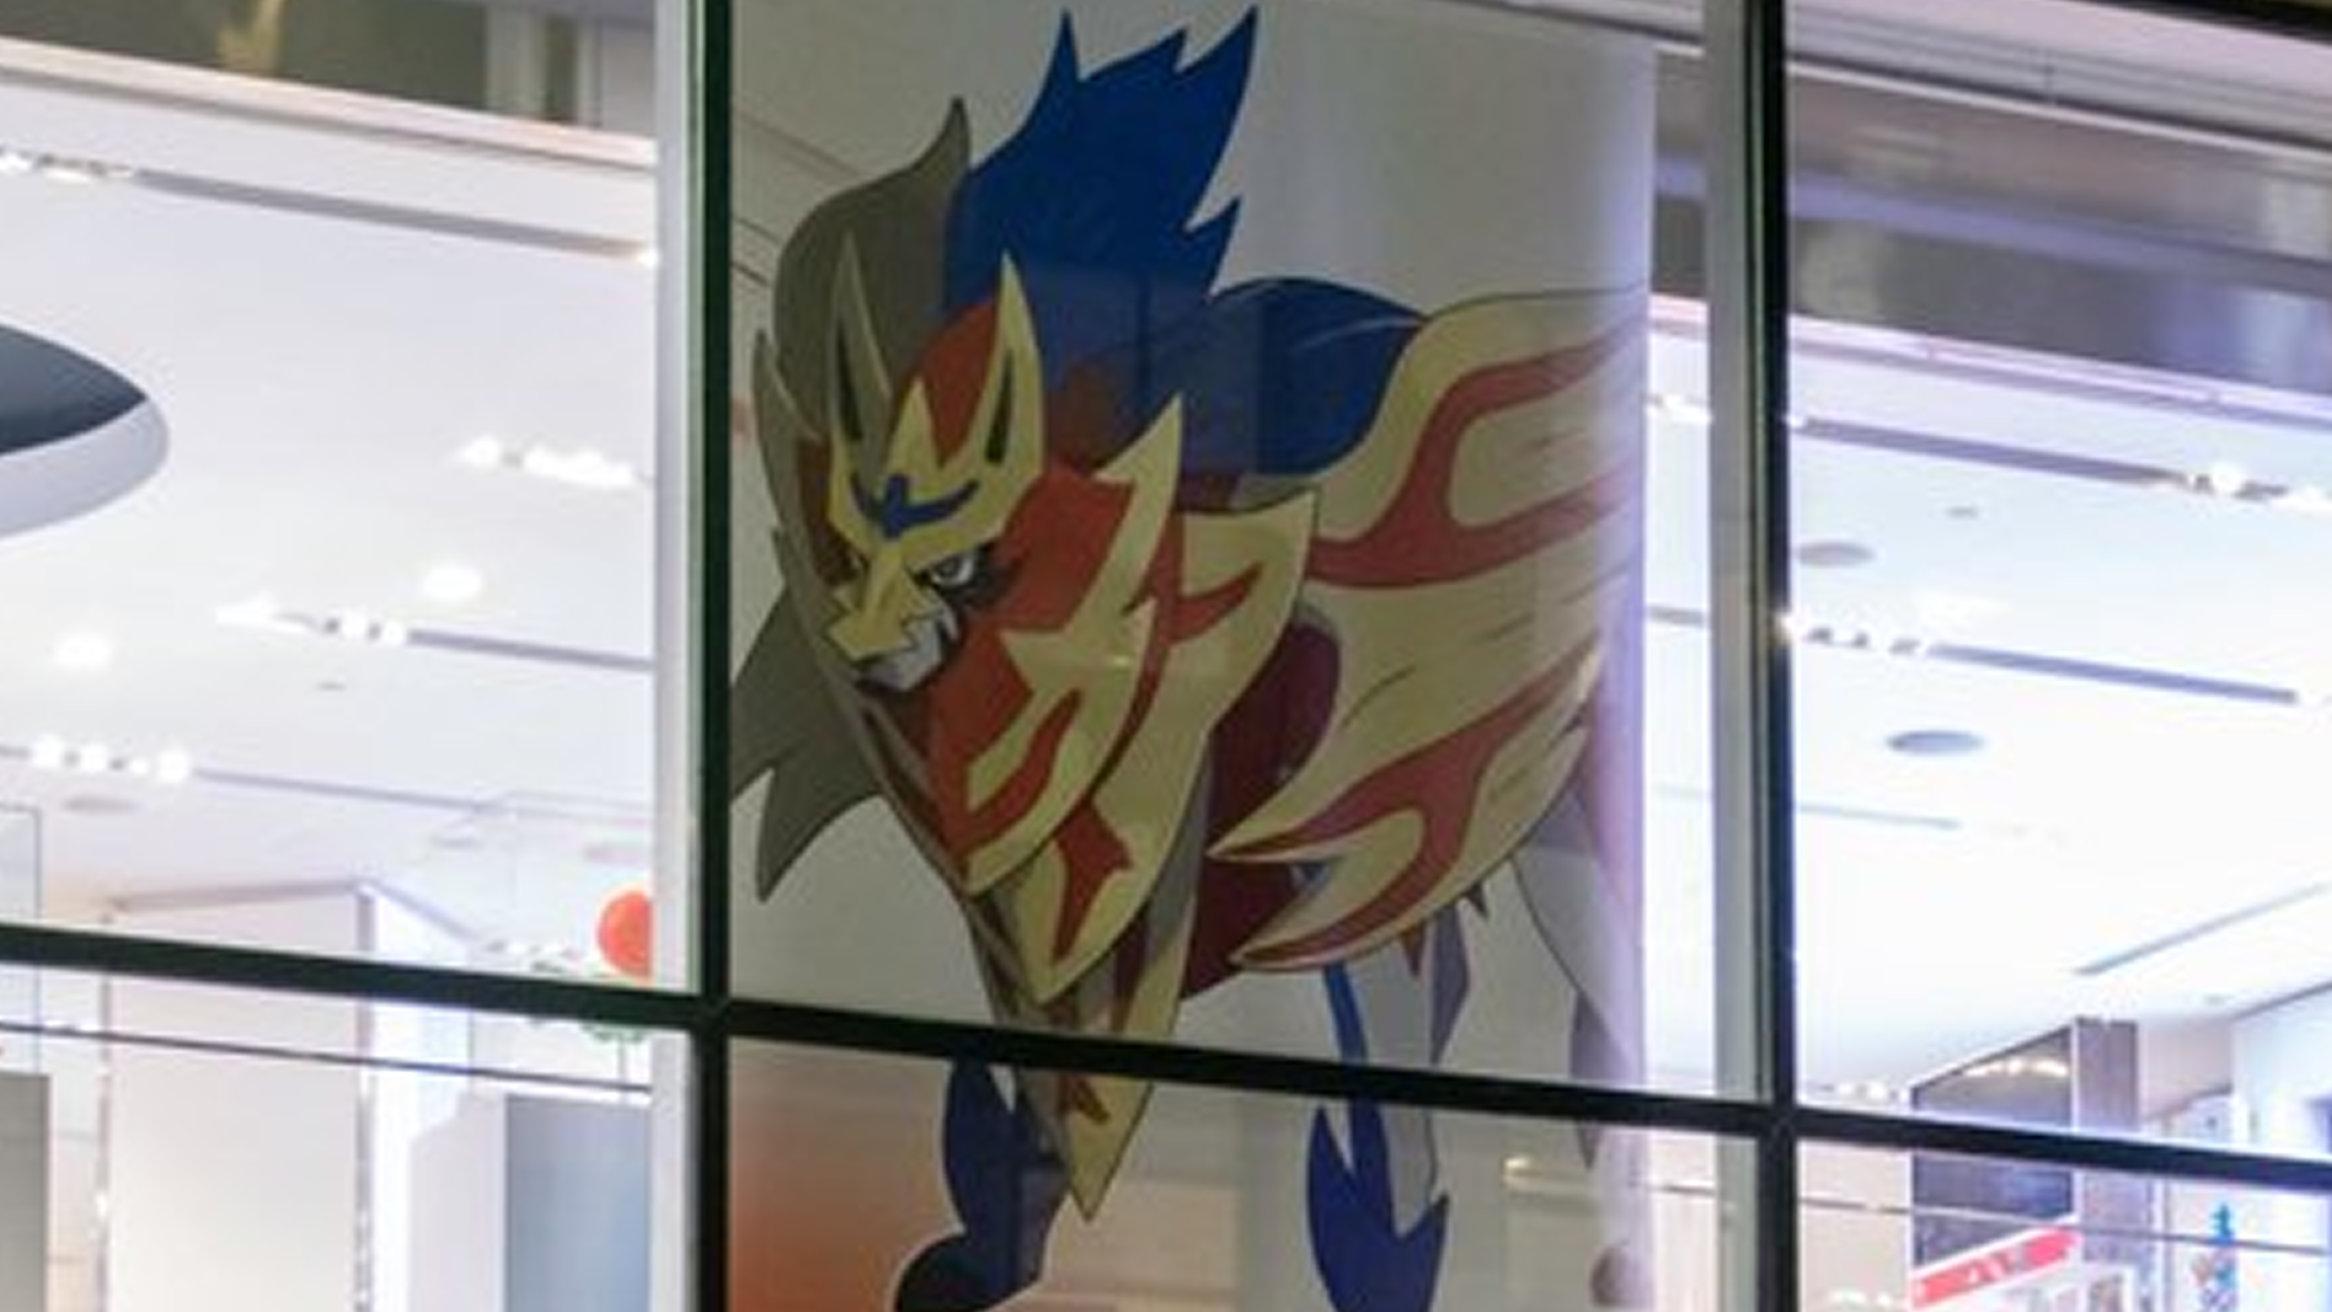 ポケモン ソード シールド、全世界で初週セールスは600万本。DL版